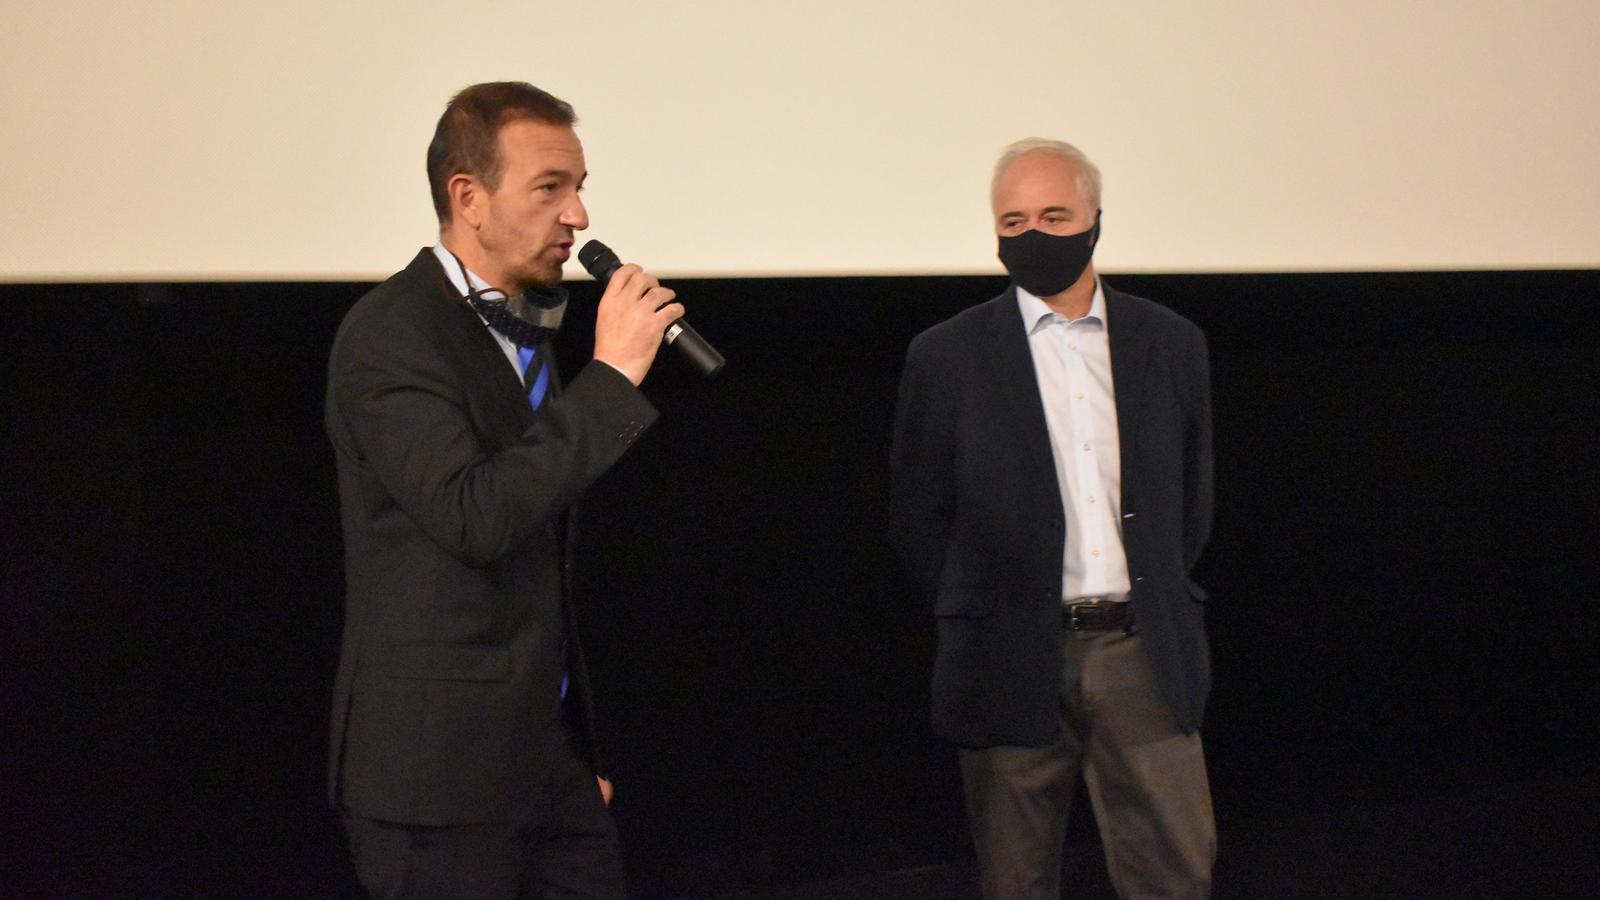 El ministre d'Ordenament Territorial, Jordi Torres, amb el president de l'ACA, Enric Pujal, durant la presentació de la campanya / AS